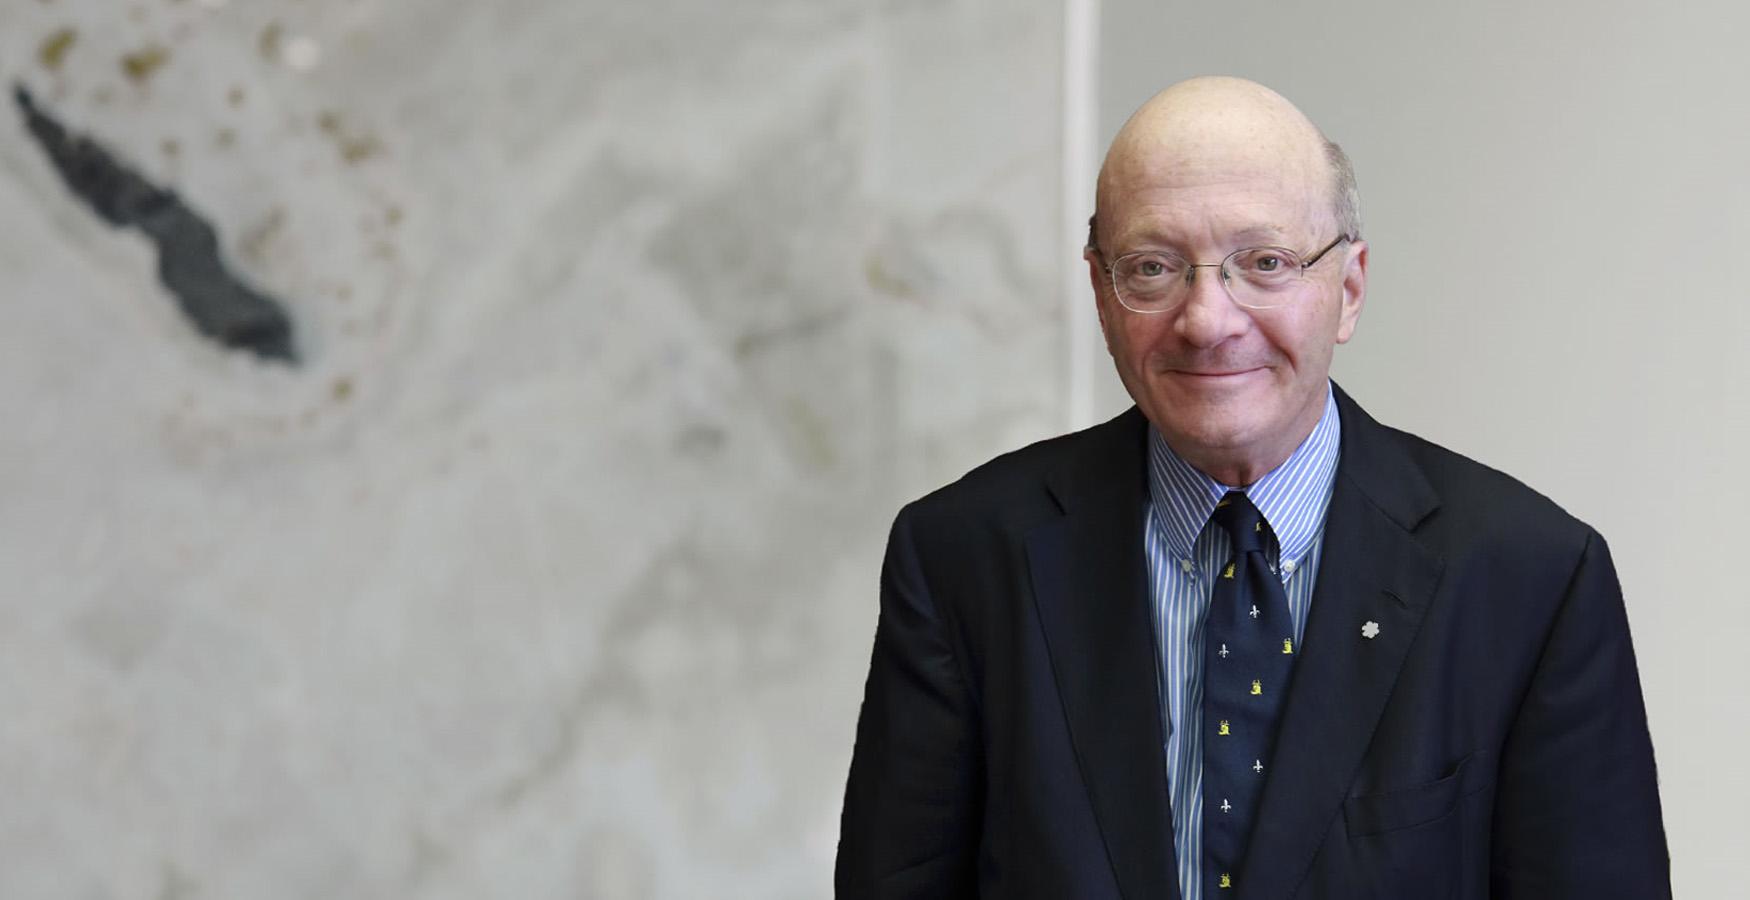 Hugh D. Segal